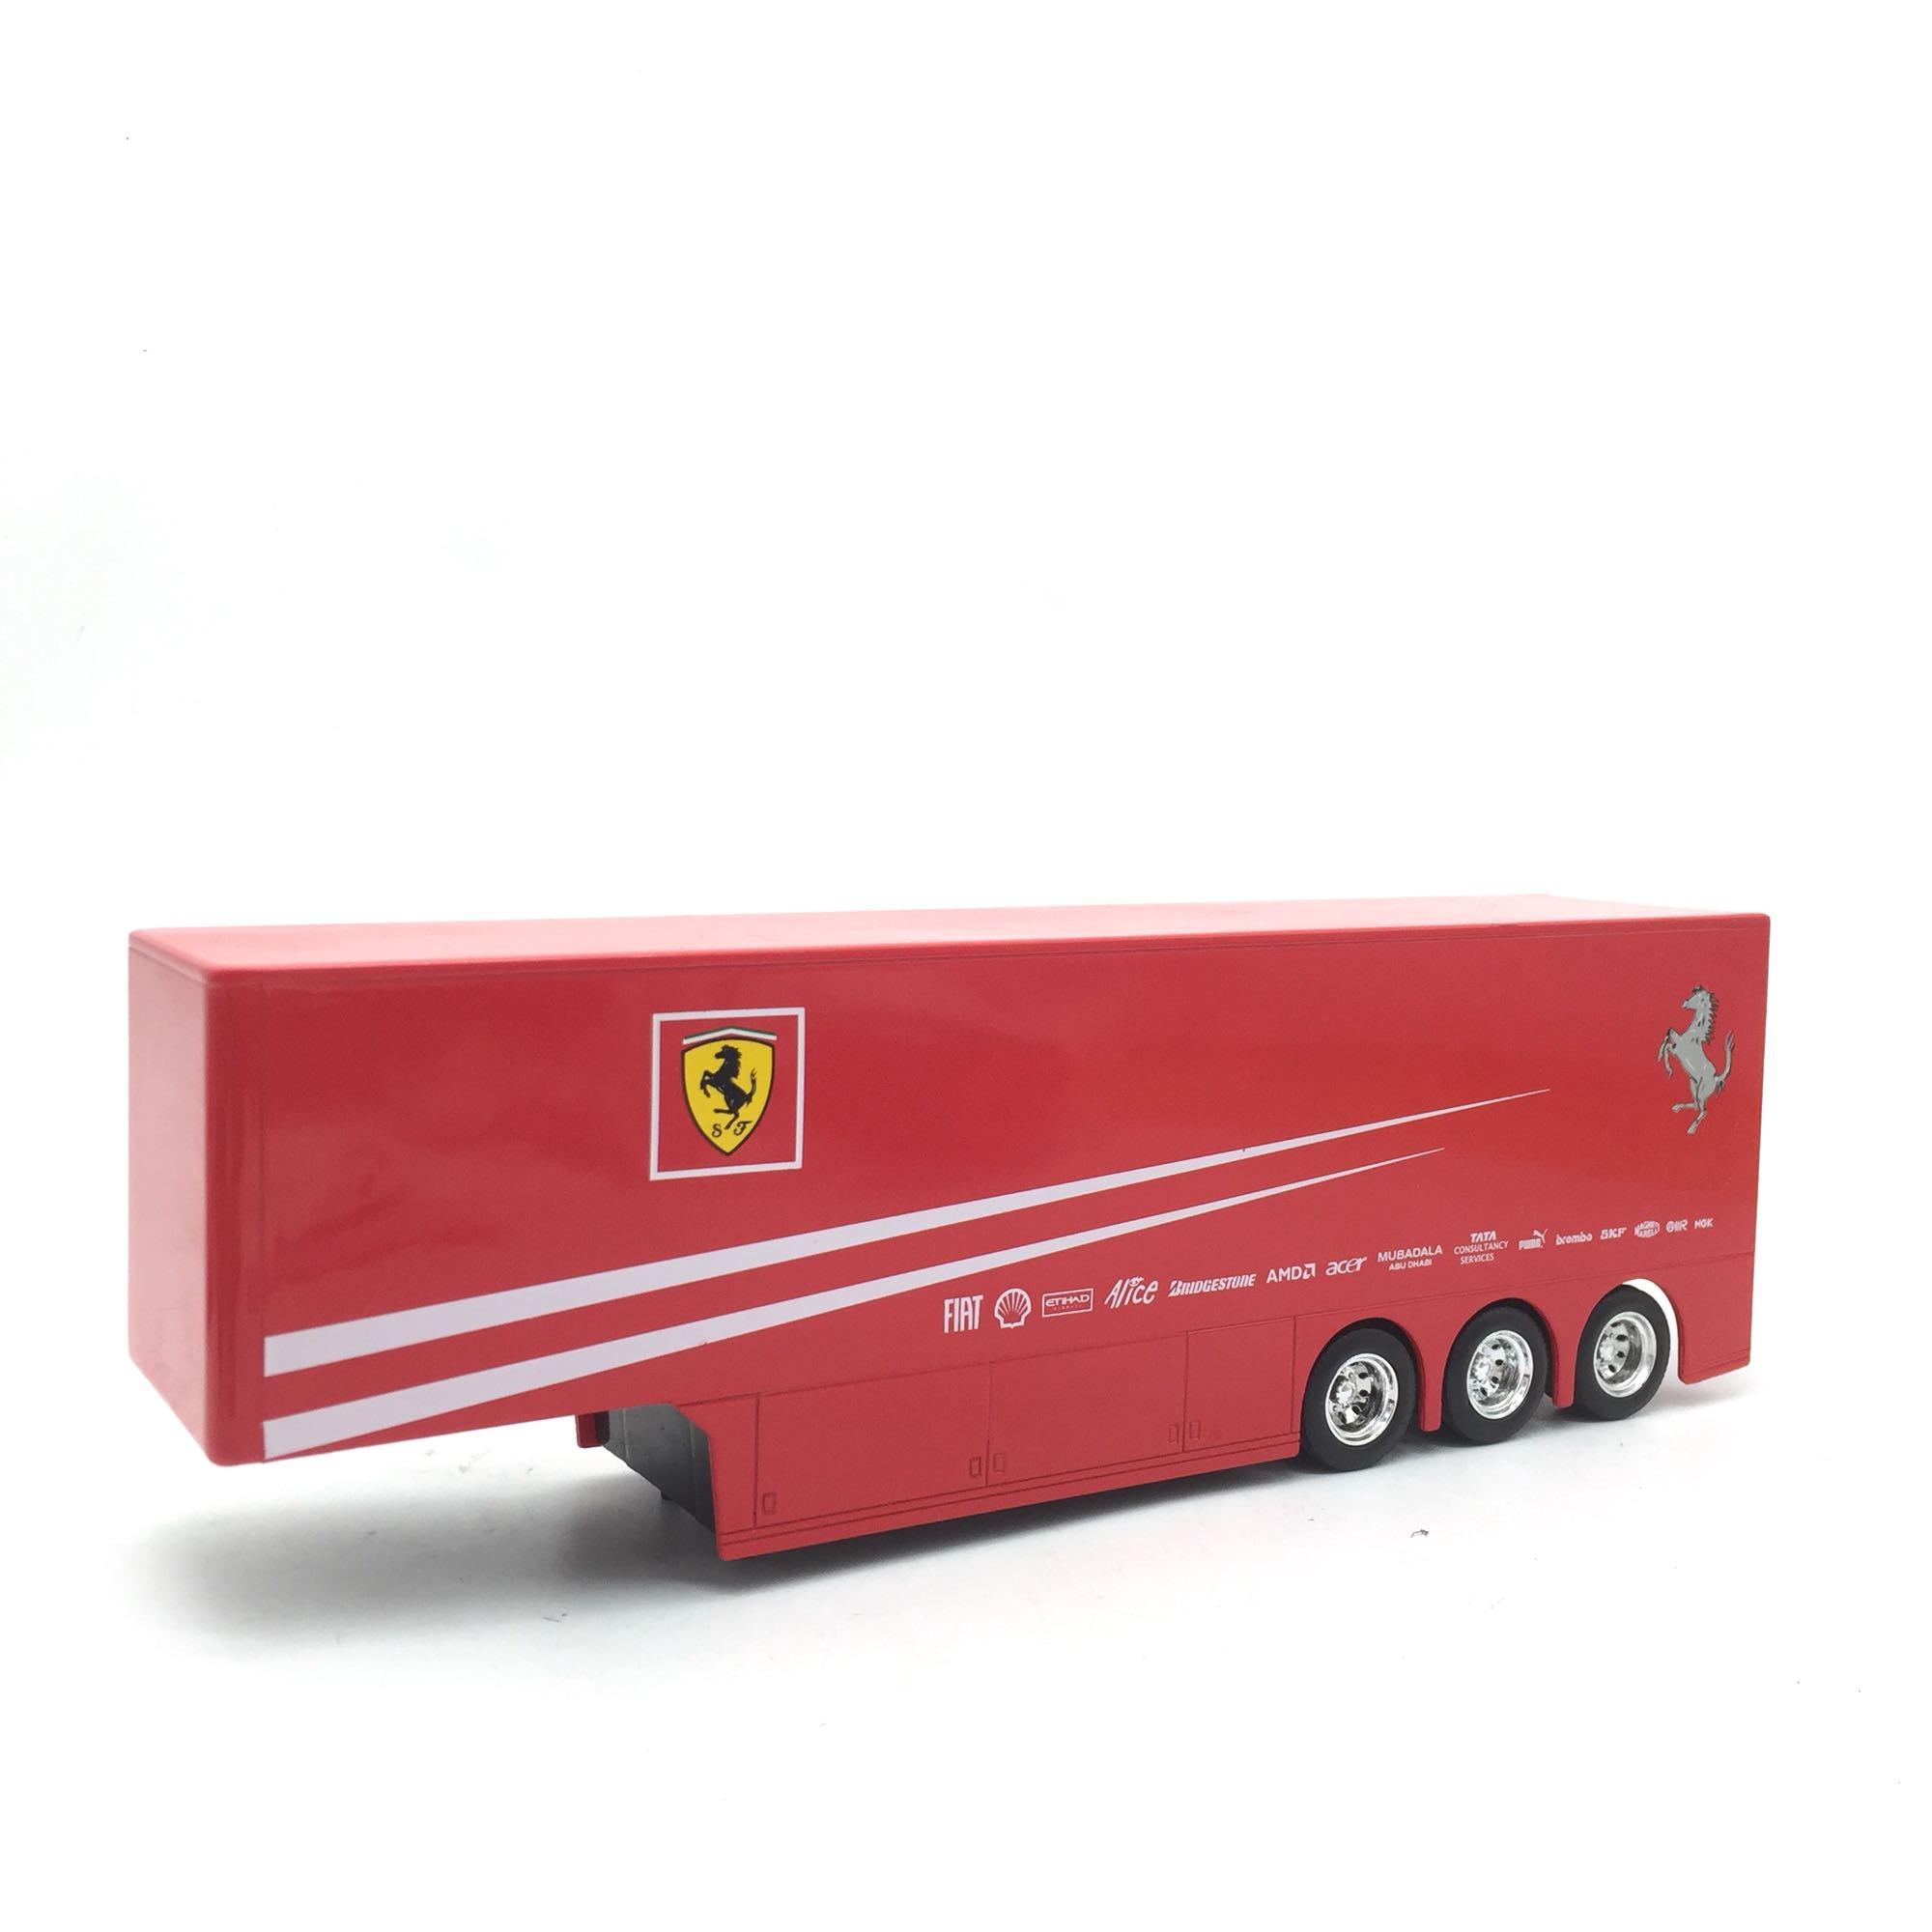 无后门1:43法拉利F1车队拖挂 改装配件 汽车模型配件 长28cm